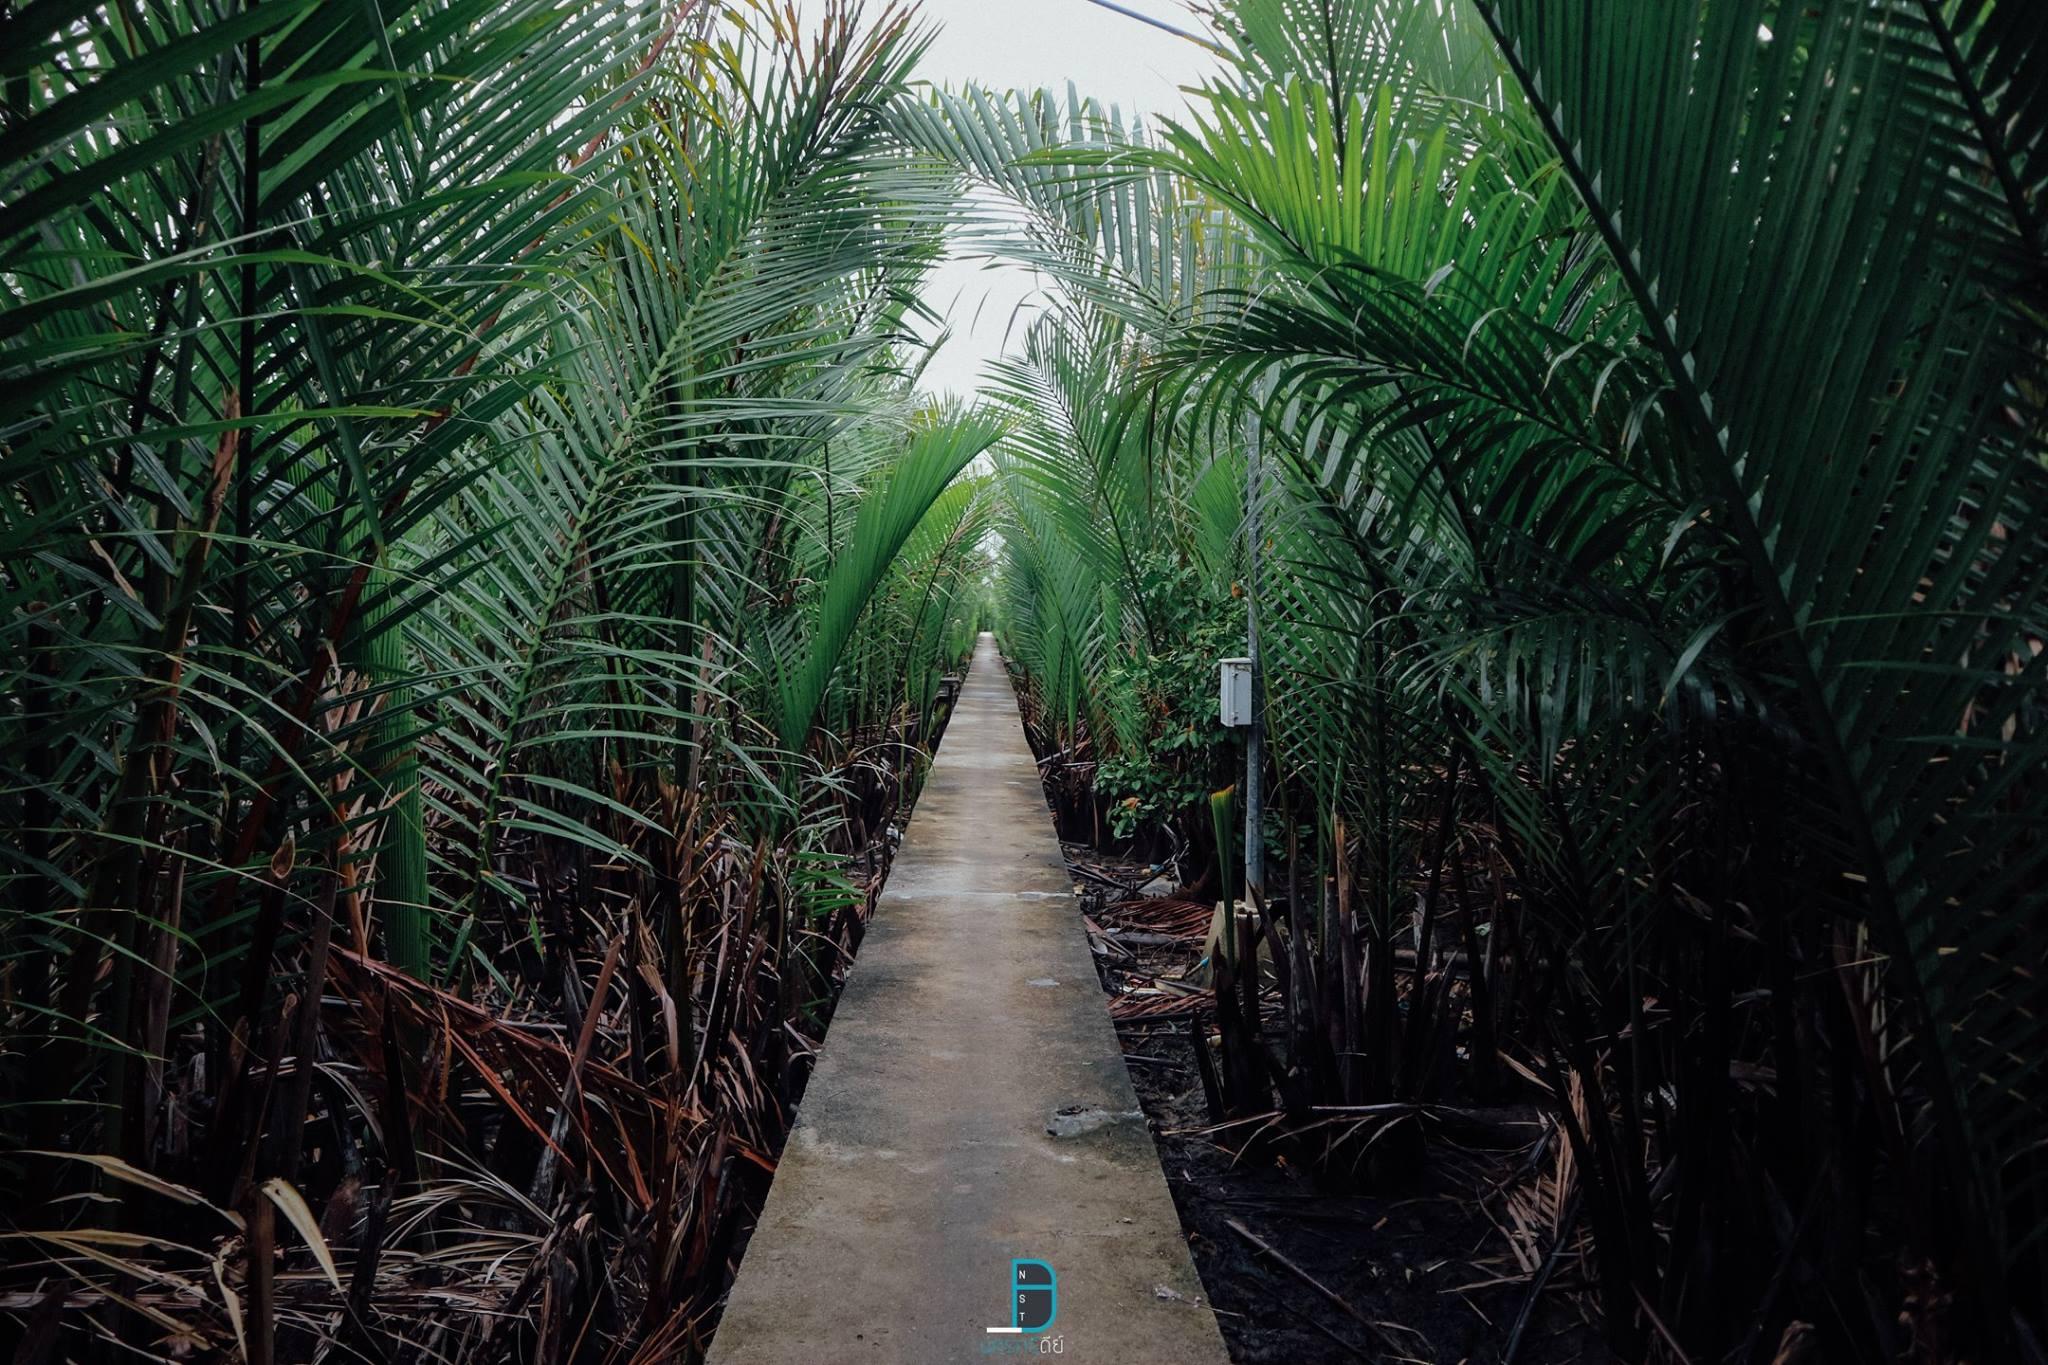 11.-เกาะไชย-ปากพนัง-ด้วยระยะทางการเดินชมป่าแหล่งท่องเที่ยวใหม่-กว่า-3-กิโลเมตร--หรือเกินไม่รู้-555---ขอบอกว่าสวยงามมากๆได้สัมผัสถึงธรรมชาติและวิถีชีวิตชุมชนครับ ธรรมชาติ,ลำธาร,ป่าเขา,นครศรีธรรมราช,เมืองคอน,รวมรีวิว,จุดเช็คอิน